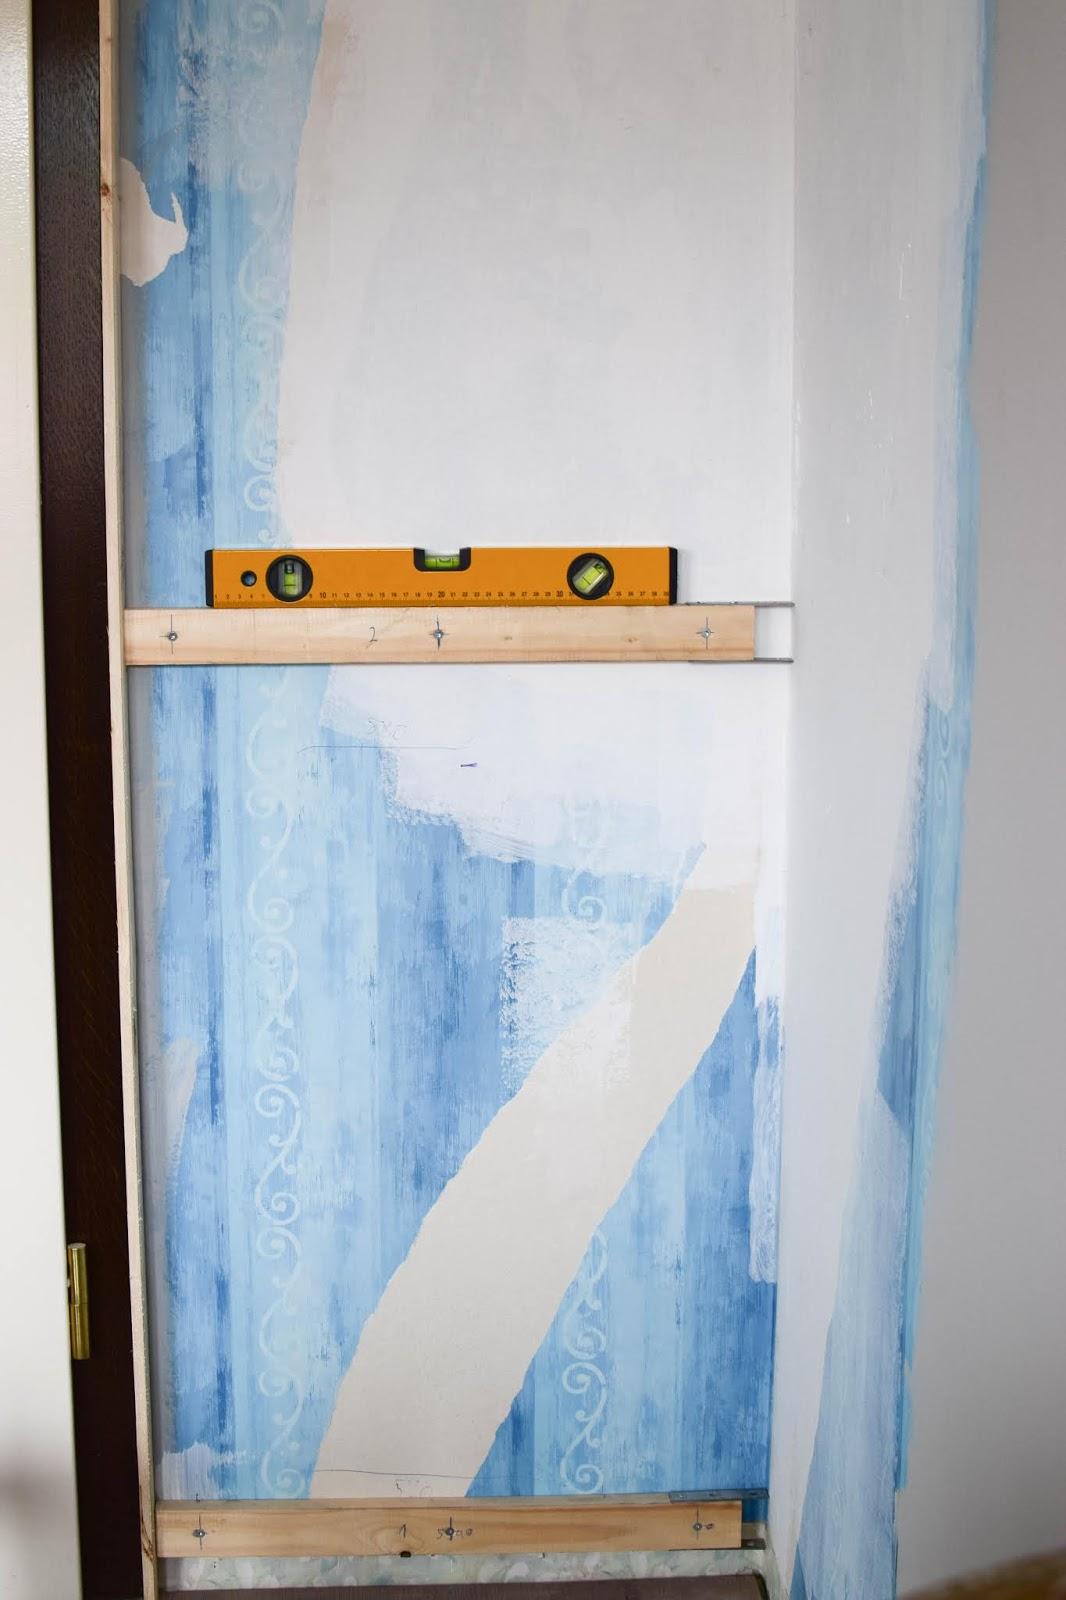 Wandverkleidung DIY Aus Holz Mit Nut Und Federbretter Kreidefarbe Von  Painting The PastRenovierung Vertaefelung Beadboard Selber